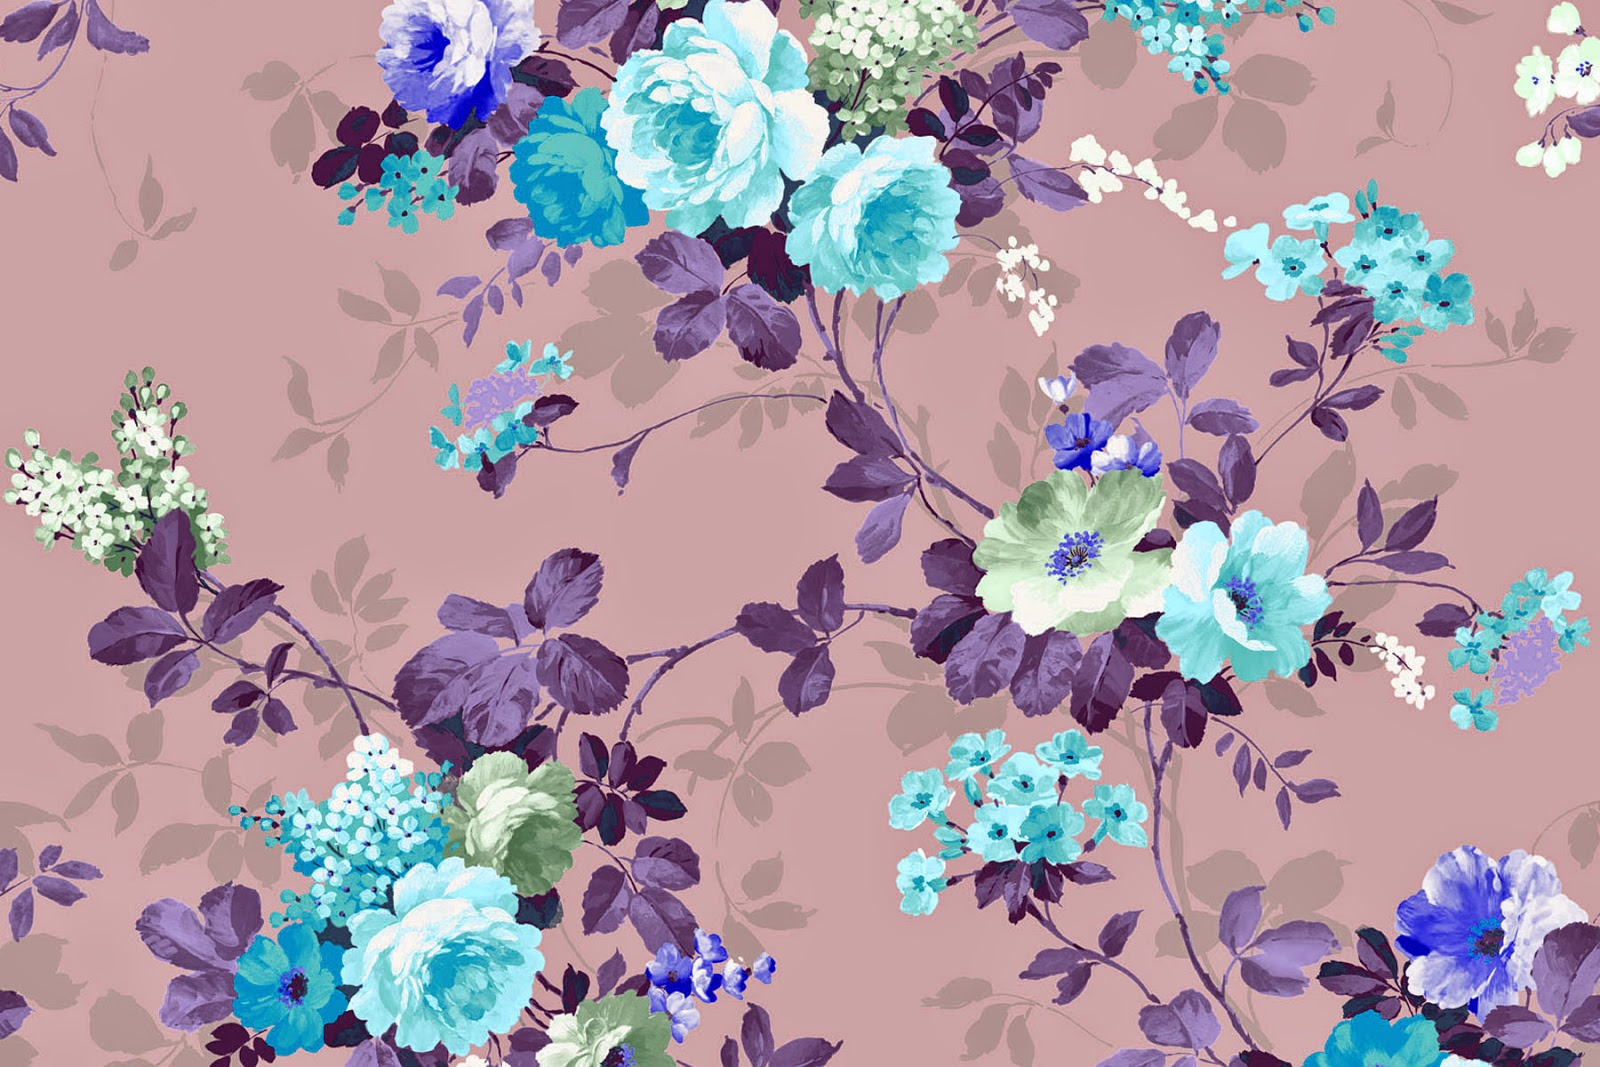 Pink Vintage Floral Wallpaper Cute Spring Wallpaper For Desktop 150563 Hd Wallpaper Backgrounds Download